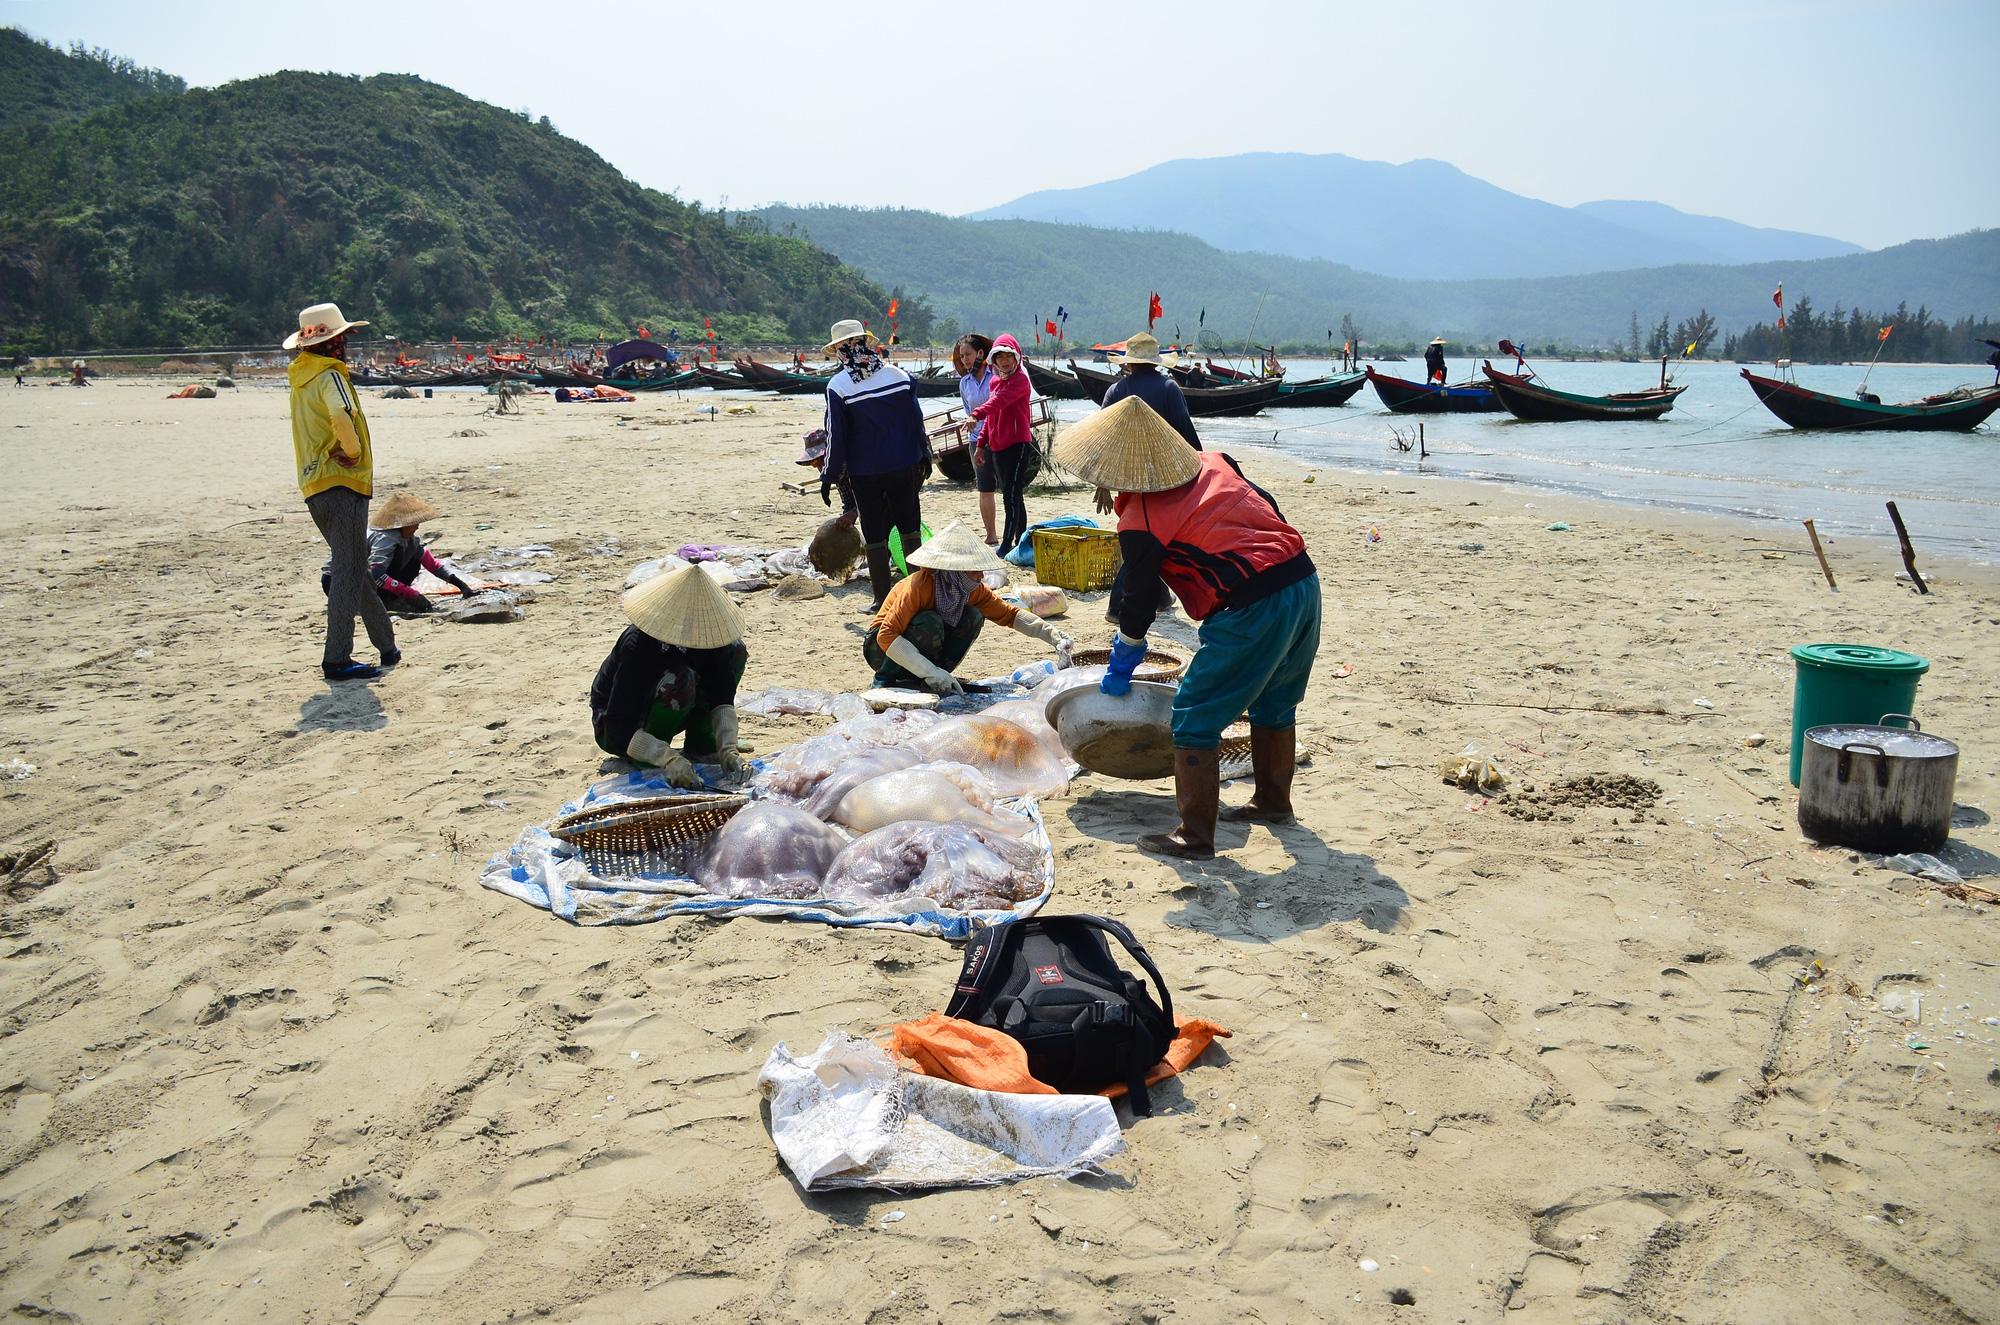 Hà Tĩnh: Nắng nóng, gió lào bỏng rát ngư dân vẫn ra biển thu hoạch sứa kiếm bộn tiền. - Ảnh 5.